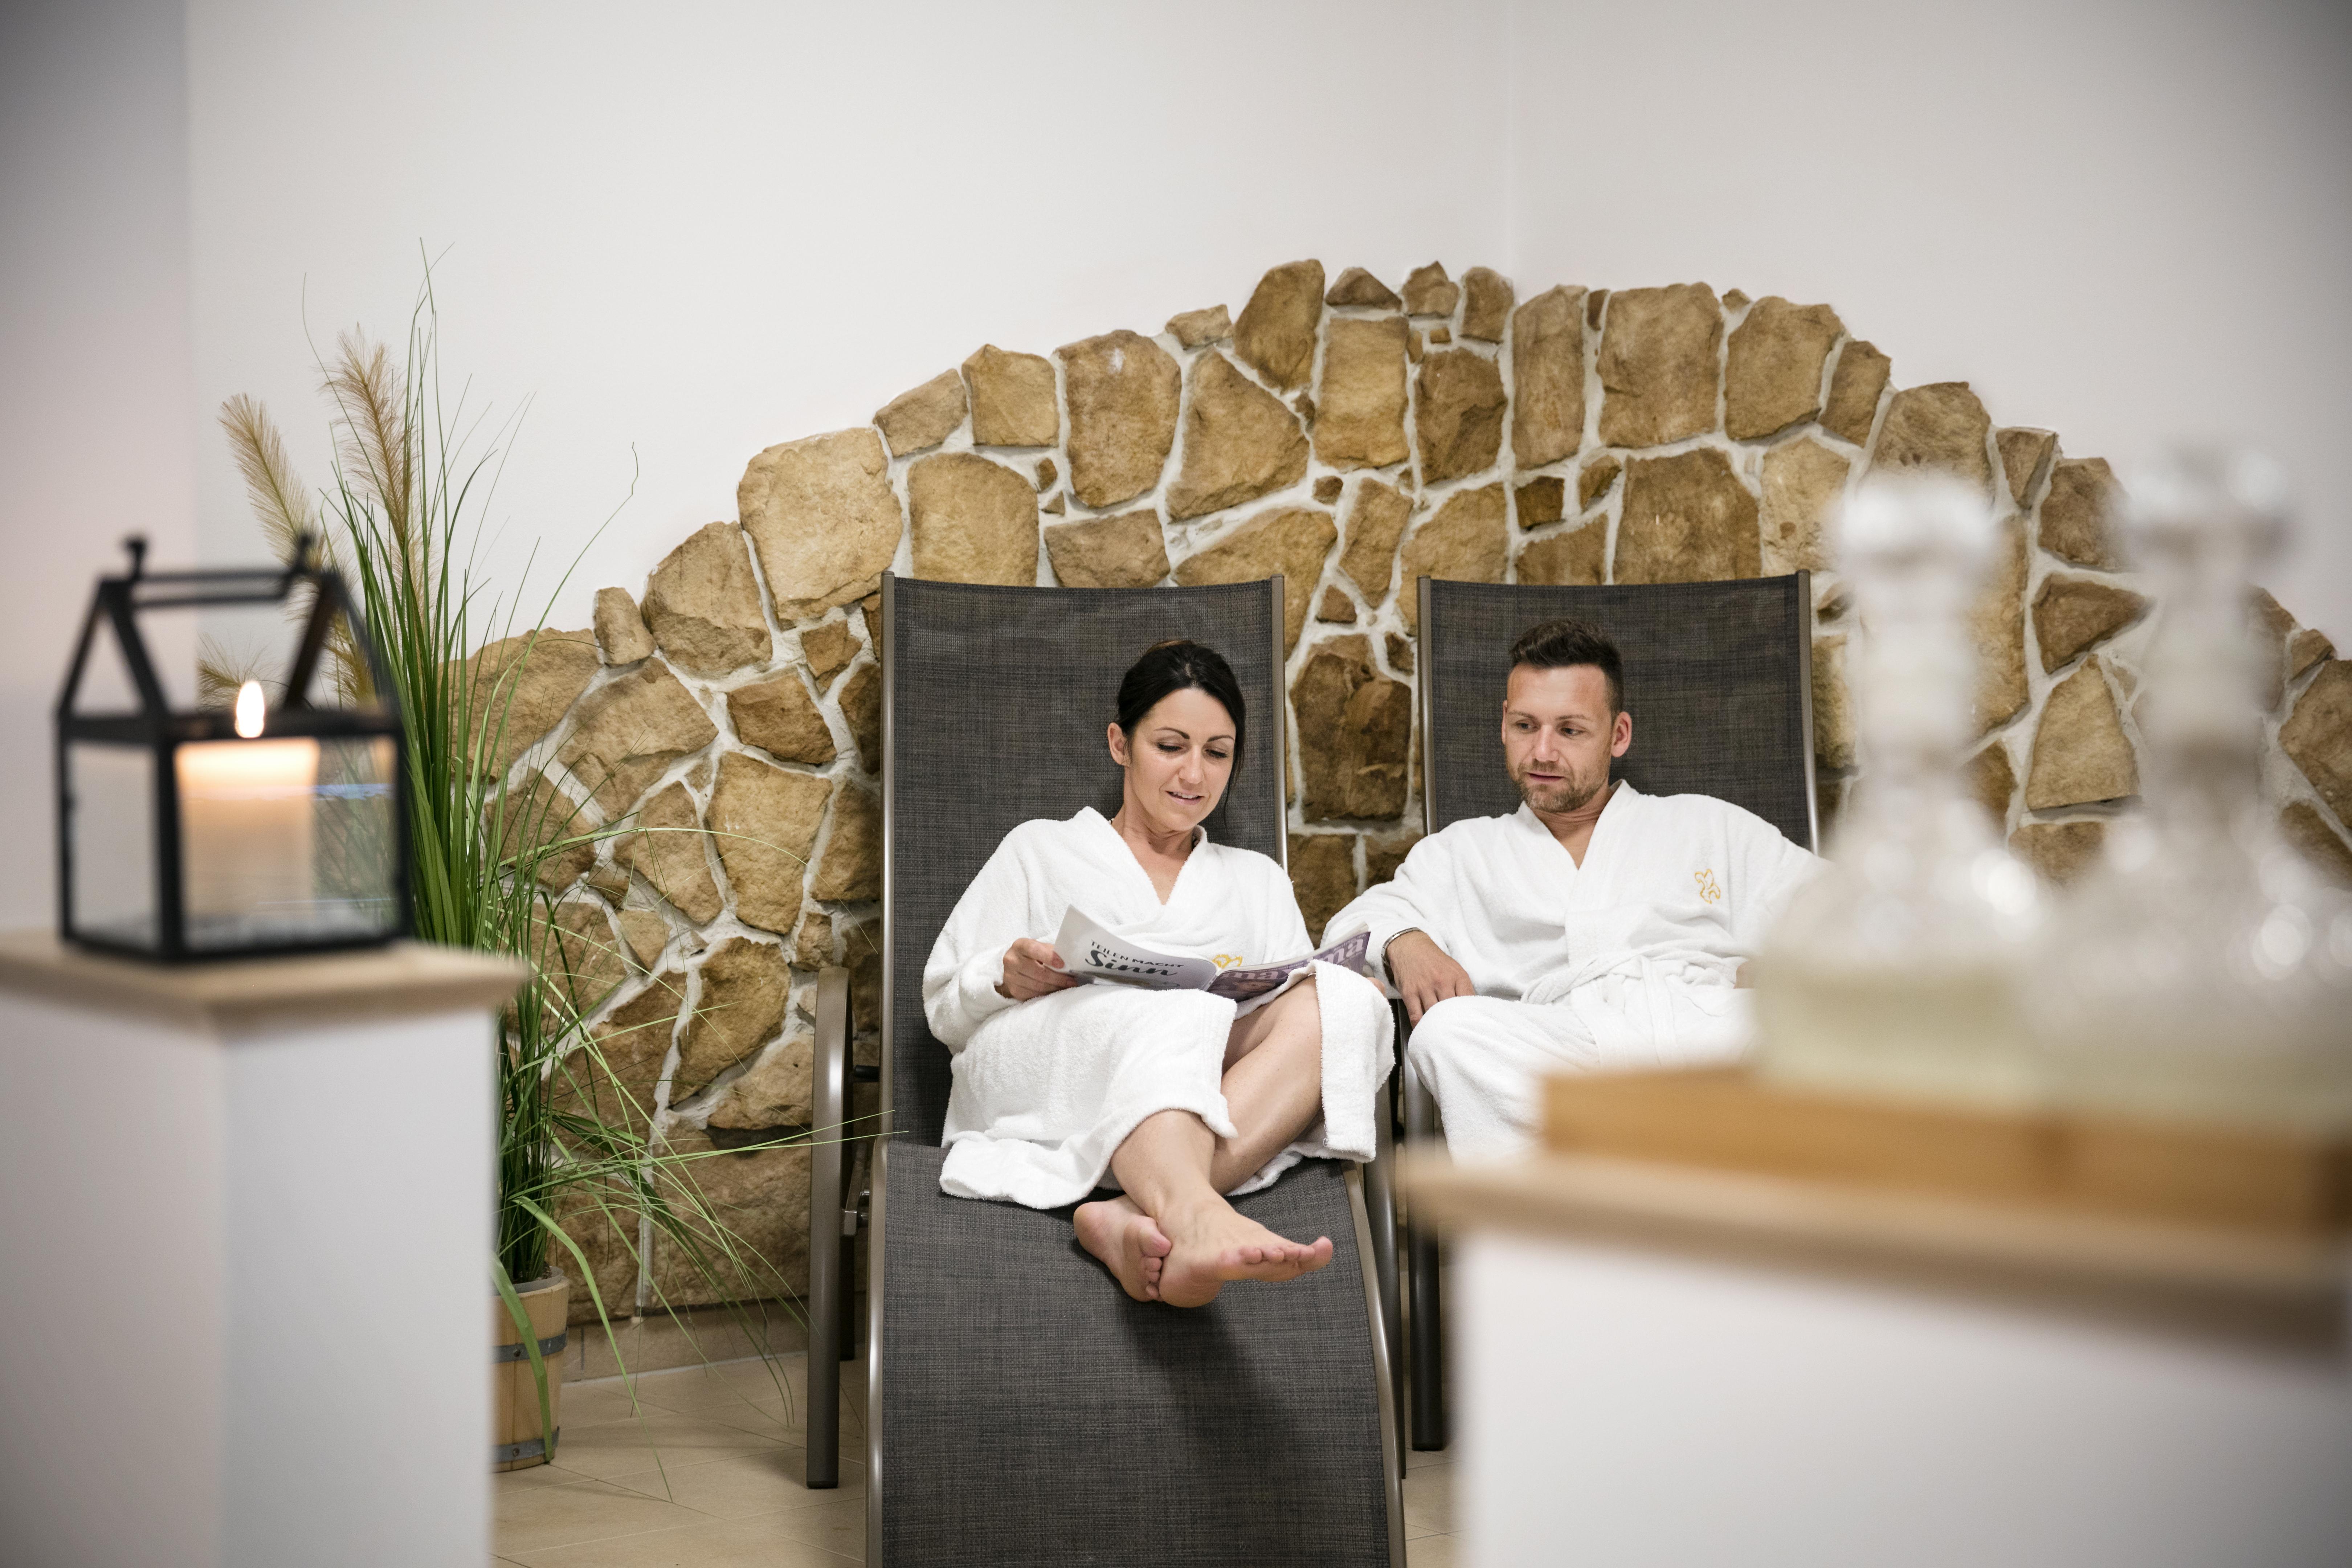 Sie sehen ein Paar im Wellnessbereich des JUFA Hotels Sigmundsberg. Der Ort für erholsamen Familienurlaub und einen unvergesslichen Winter- und Wanderurlaub.